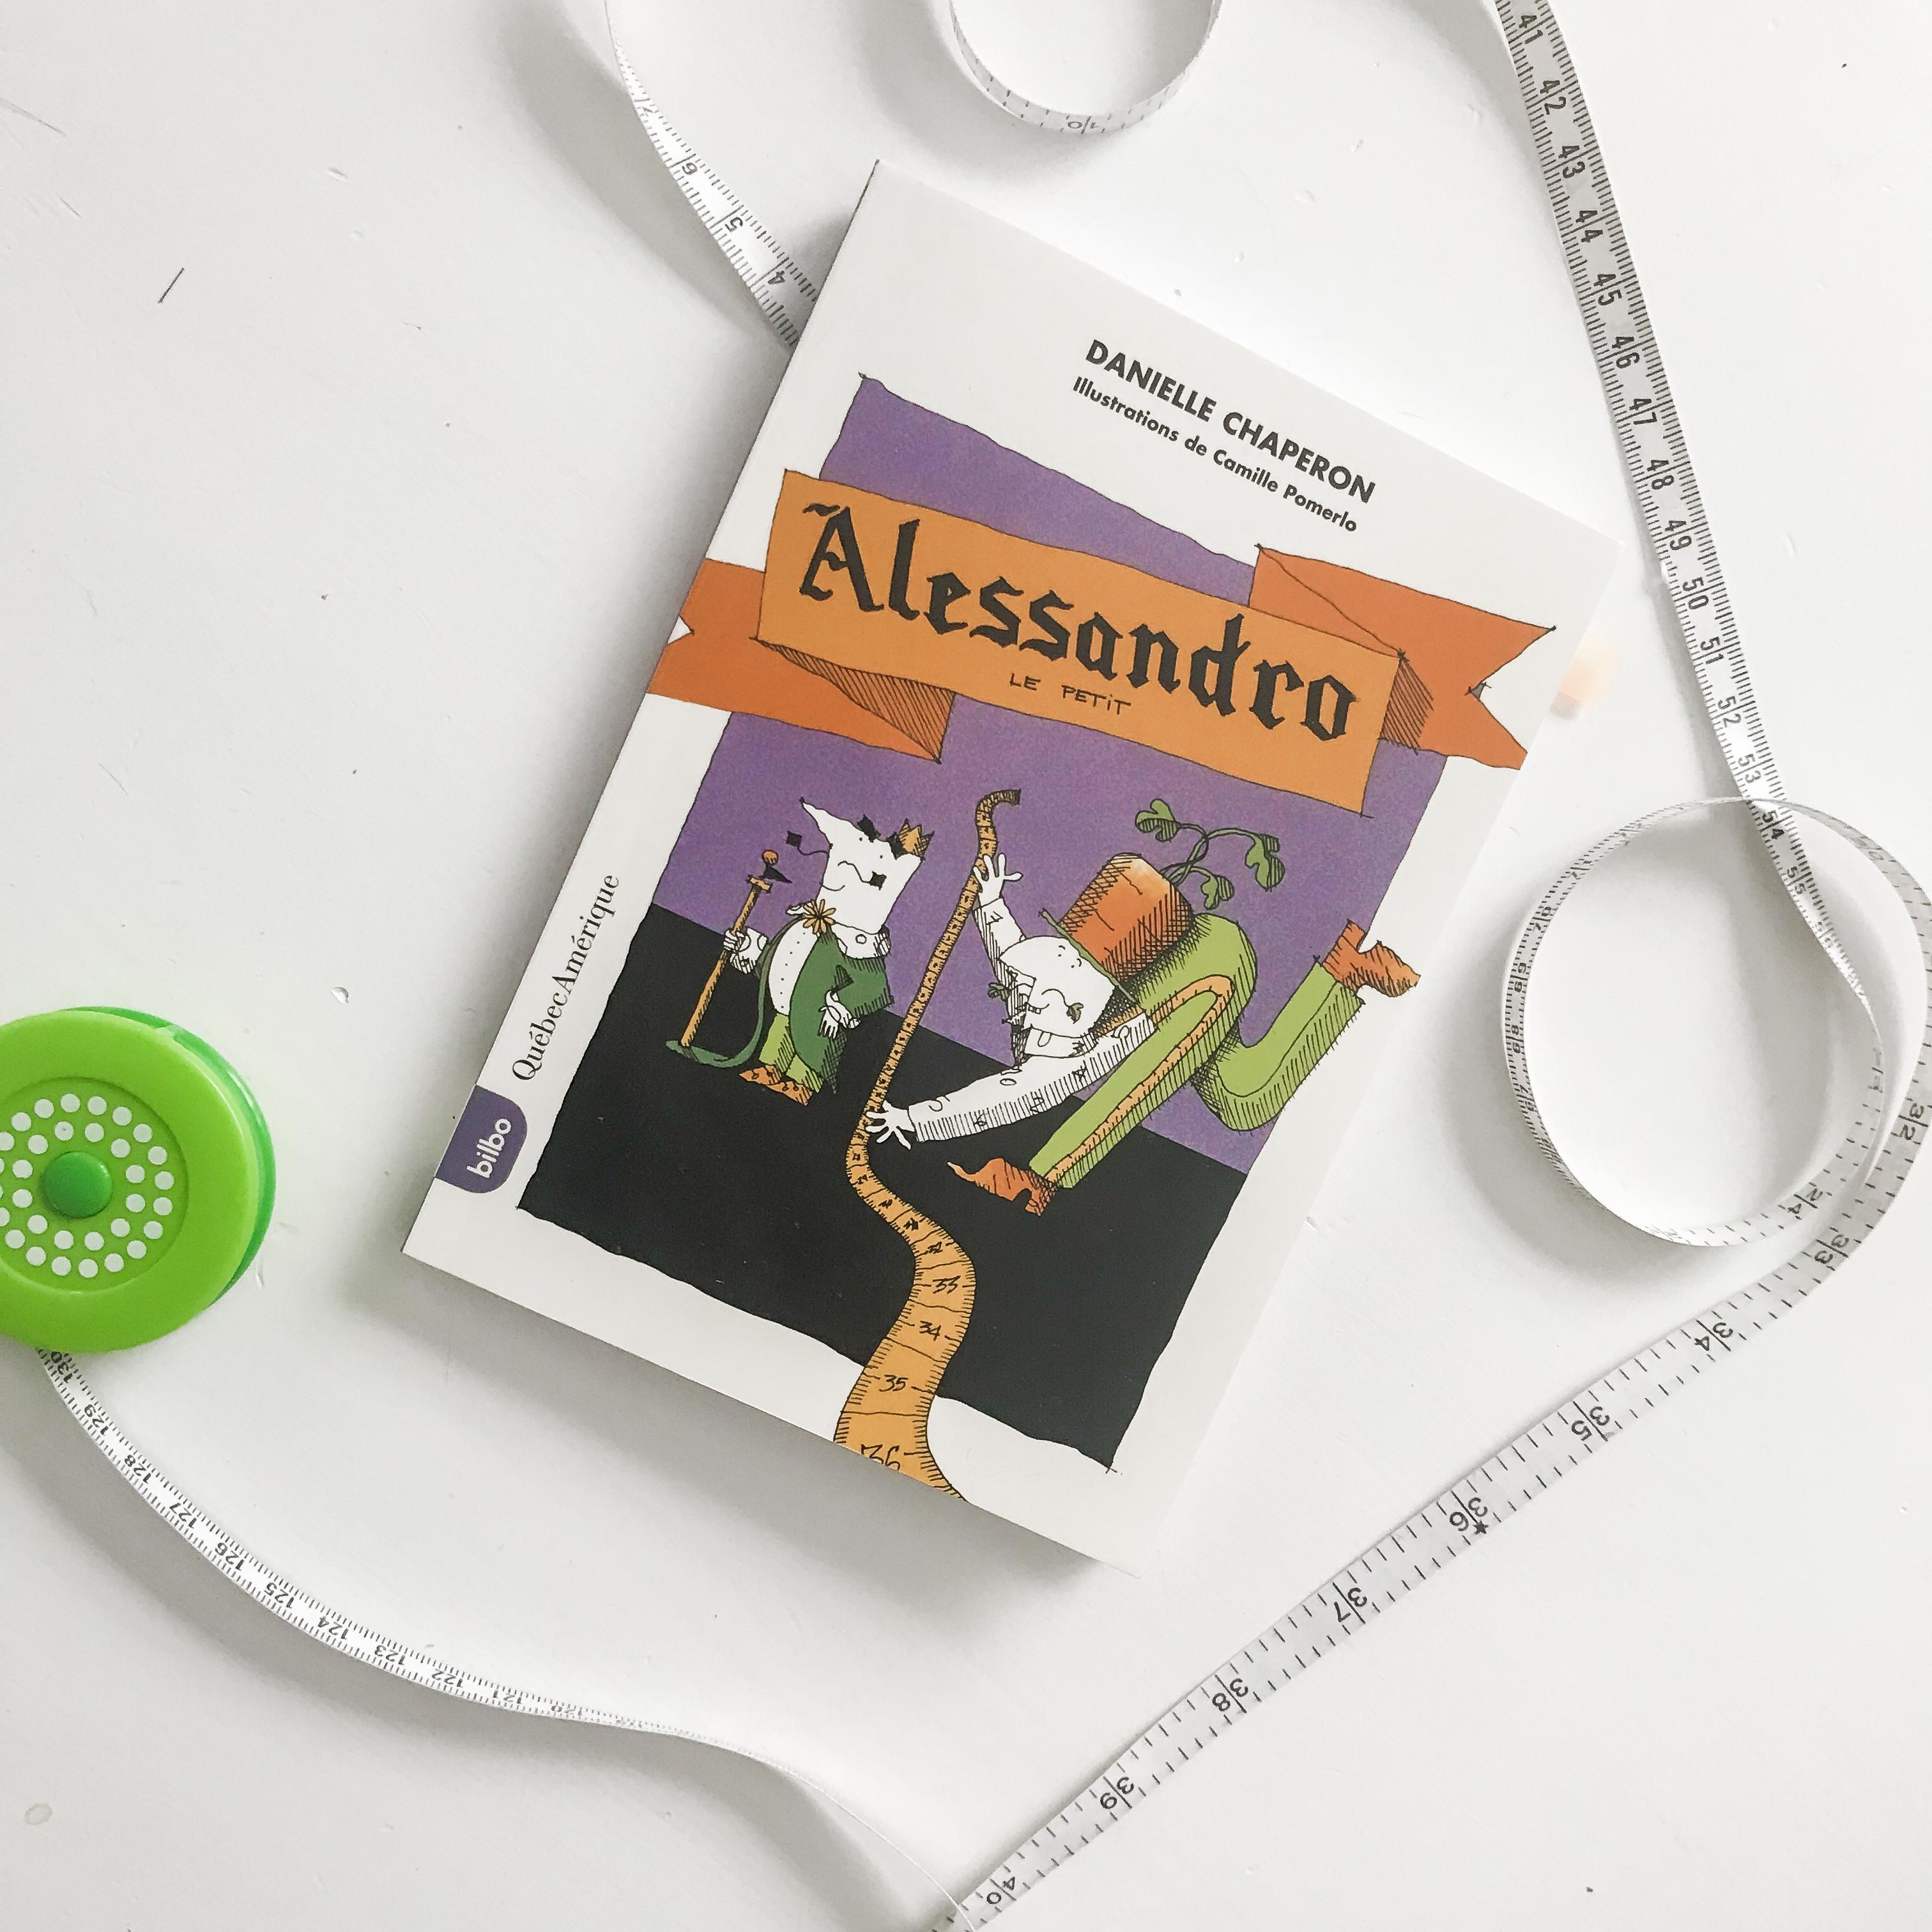 Alessandro (Québec Amérique – Service de presse)